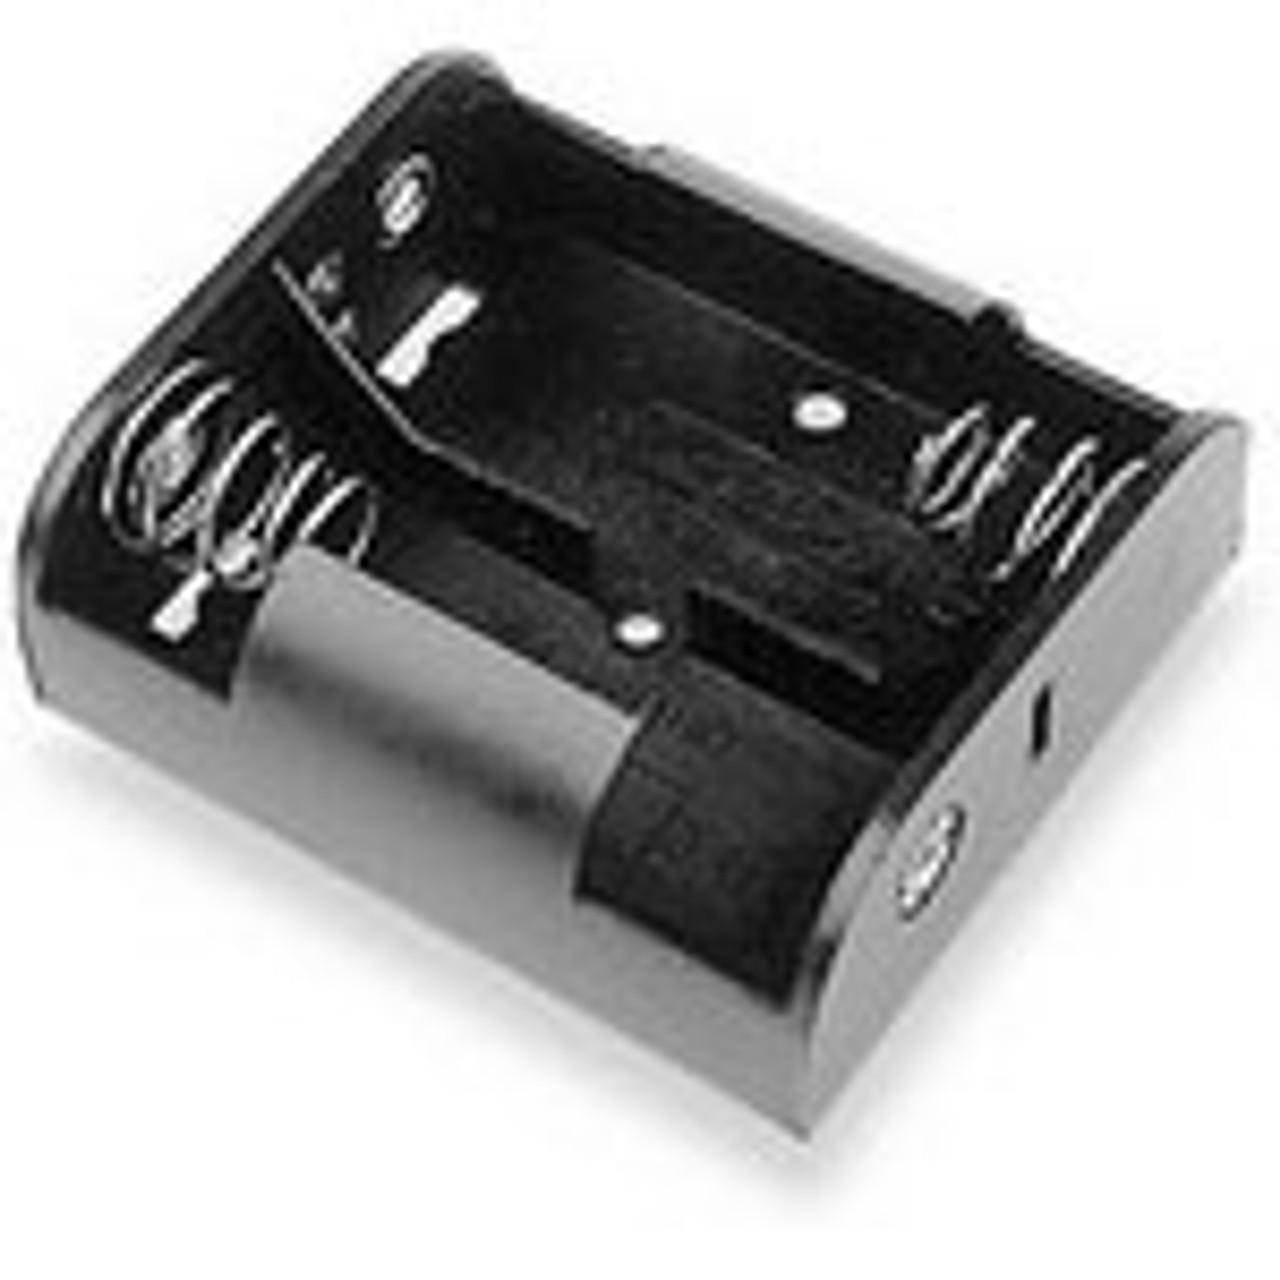 C Cell (2) Battery Holder